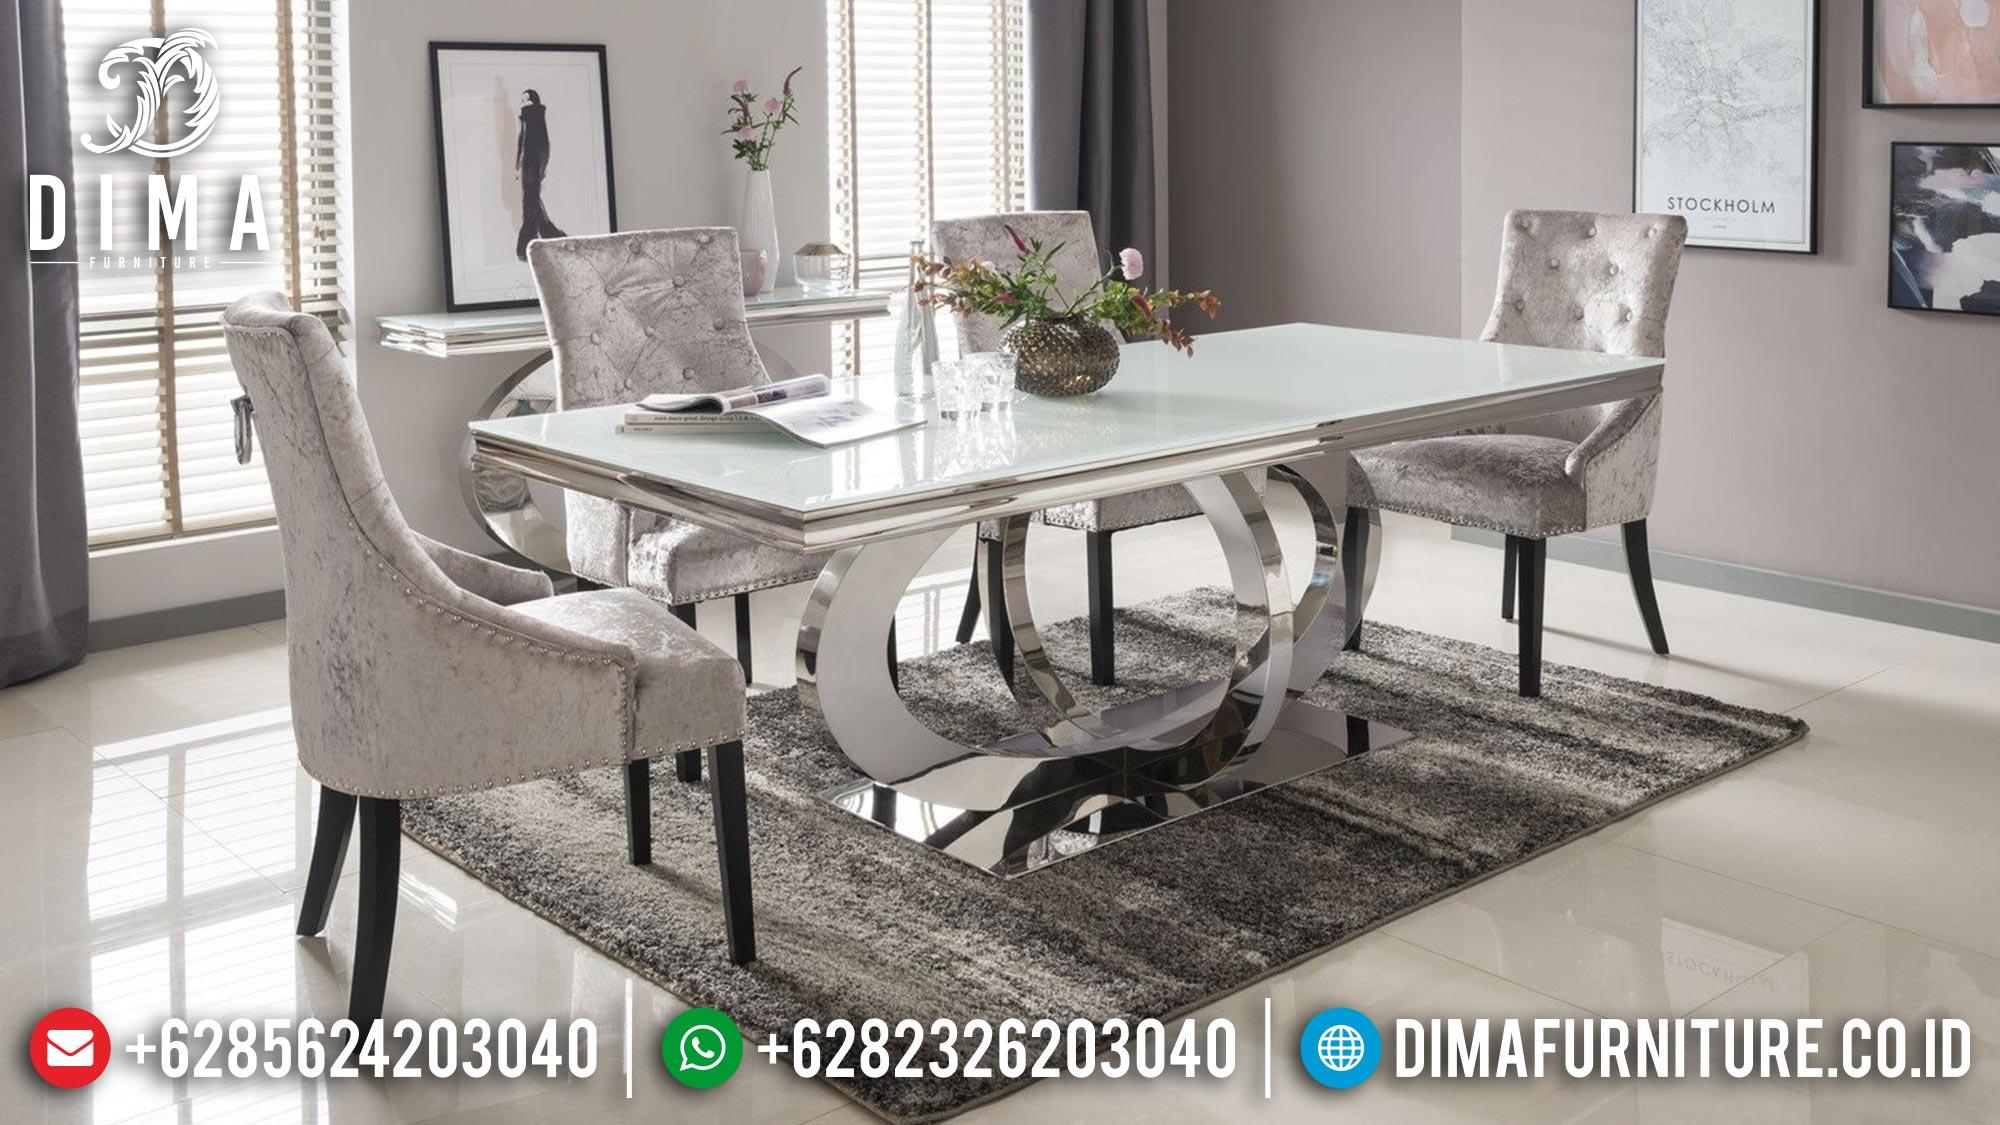 Meja Makan Mewah Minimalis Modern Luxury Stainless Steel Best Design TTJ-1681